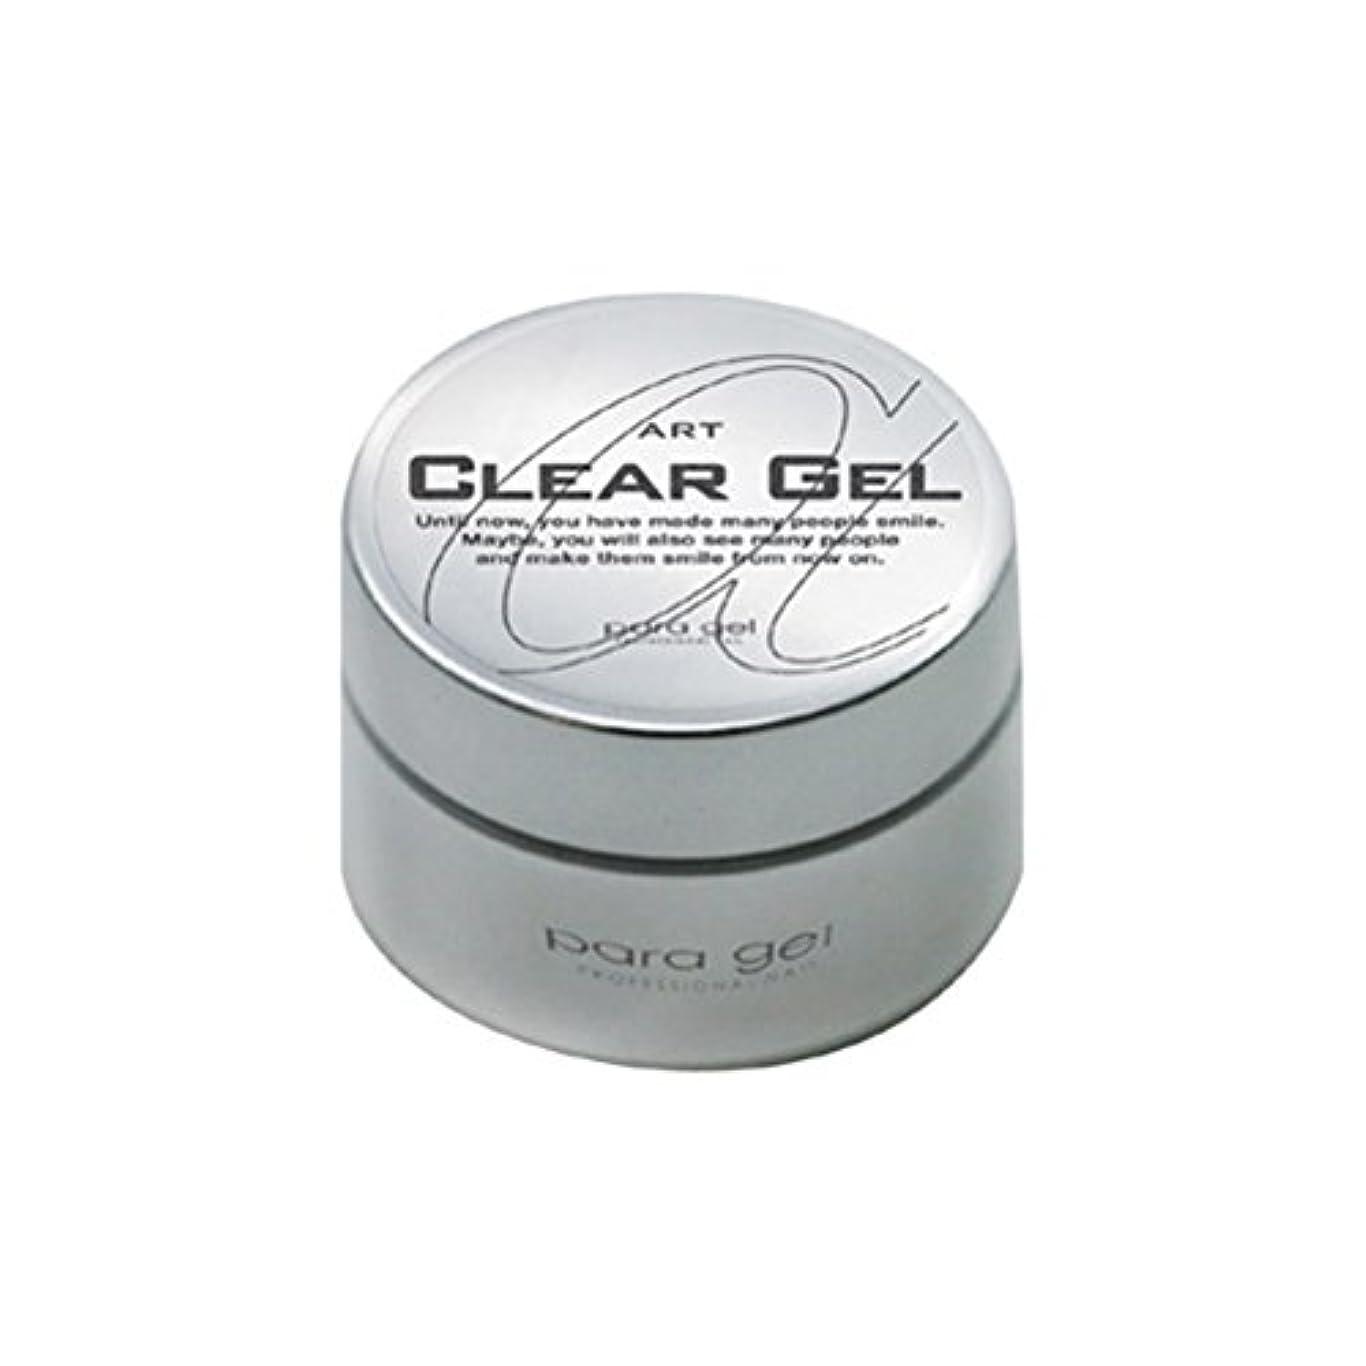 貝殻発信シェアpara gel アートクリアジェル 10g サンディング不要のベースジェル